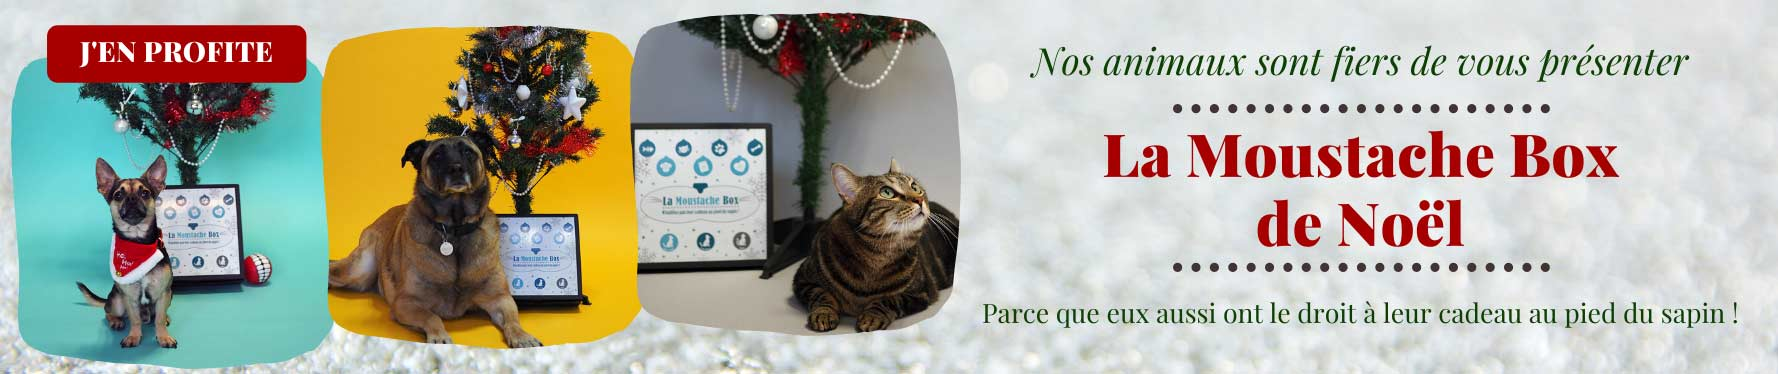 Faites plaisir à votre animal avec la Moustache Box de Noël